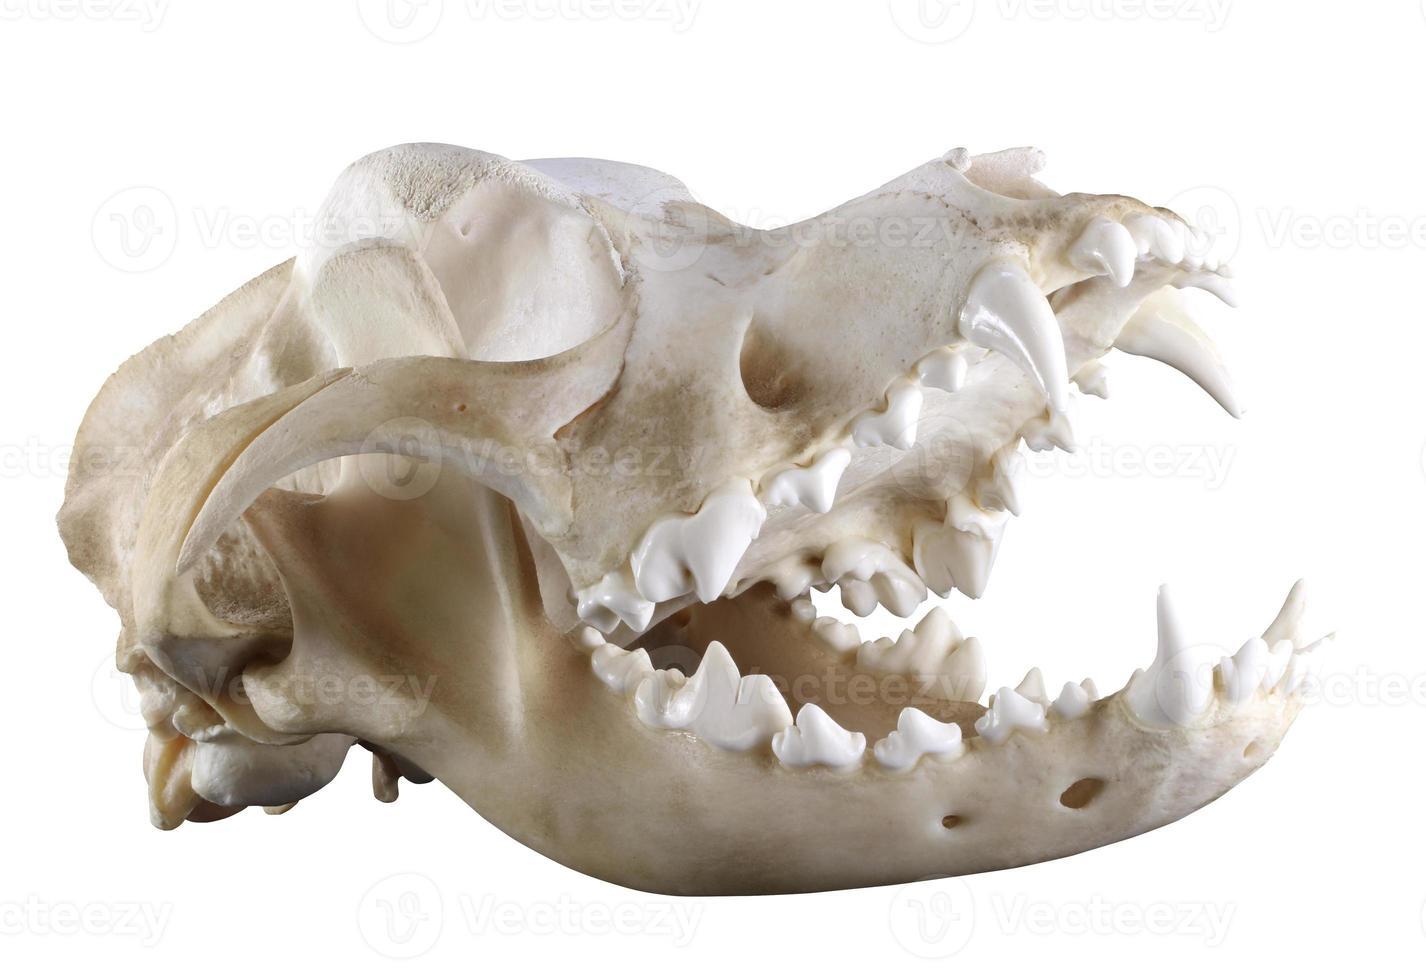 Cráneo de perro de San Bernardo aislado sobre un fondo blanco. foto